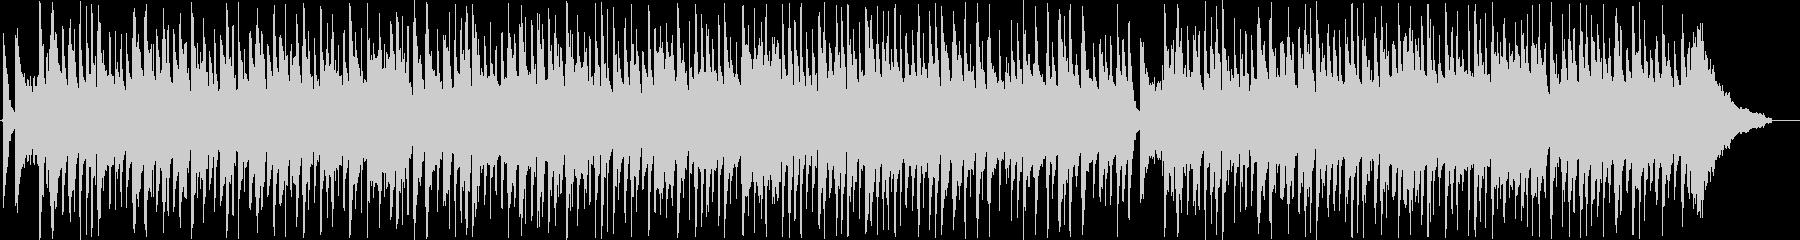 トロピカルなシンセ・打楽器などのサウンドの未再生の波形